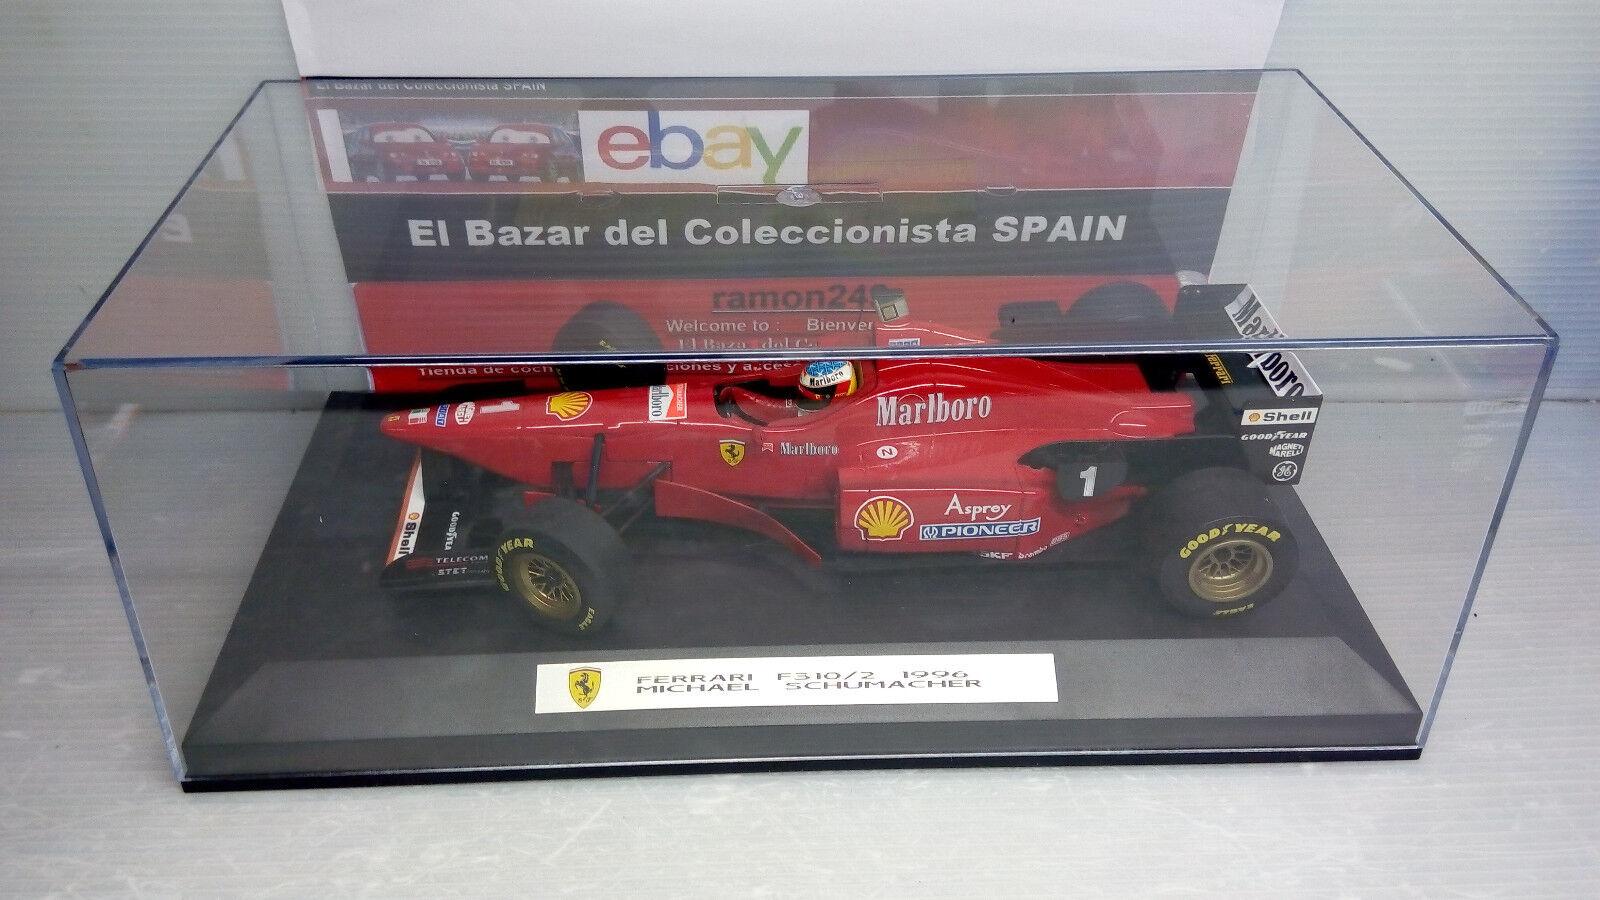 precio razonable 1 1 1 18 Ferrari F310 2 F310 2  Schumacher 1996 + Ma rl bo ro   - PMA - 3L 050  oferta de tienda